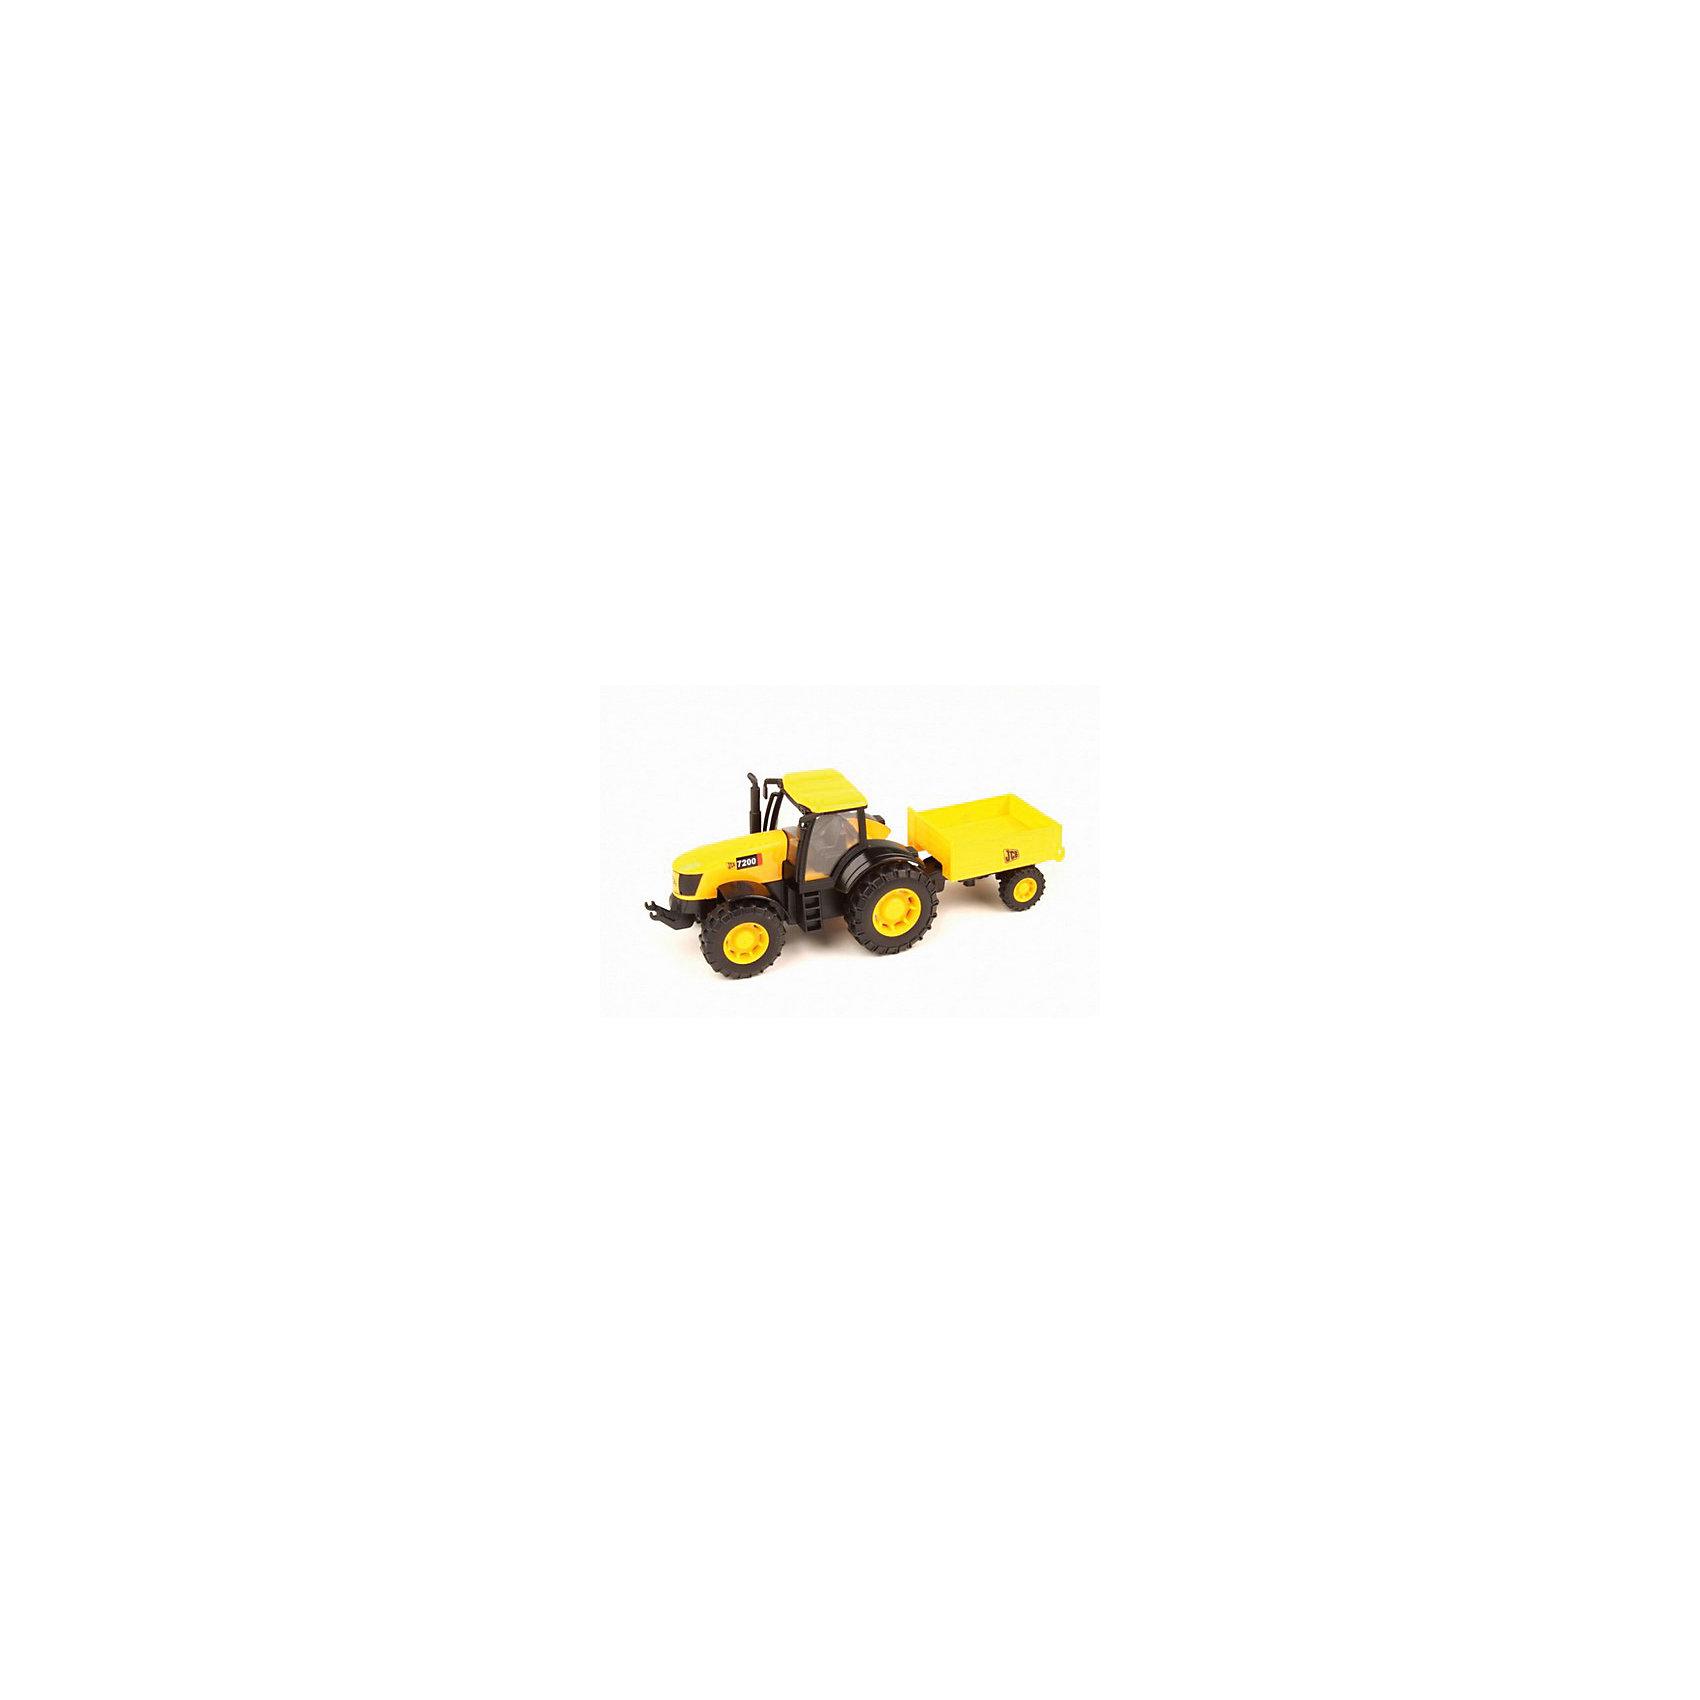 Трактор, JCBТрактор, JCB - это уменьшенная модель настоящей строительной техники от компании JCB, выполненная в высоком качестве и с большим вниманием к деталям. В этой модели есть все основные функции, которыми обладает реальная машина. Трактор оснащен просторной застекленной кабиной с сиденьем водителя, спереди имеется фаркоп. Дополнительные детали, такие как лесенка в кабину, выхлопная труба, зеркало заднего вида, придают машине особую реалистичность. Прицеп сзади можно заполнять песком или мелкими предметам, что делает игрушку особенно интересной для игр на улице. Мощные прорезиненные колеса обеспечивают прочное сцепление с поверхностью и уберегает напольное покрытие от царапин. Игрушка изготовлена из высококачественной прочной пластмассы, ребенок сможет ещё дольше играть с ней, не боясь поломок.<br><br>Дополнительная информация:<br><br>- Материал: высококачественный пластик.<br>- Масштаб 1:32.<br>- Размер игрушки: 17,5 х 6 х 7 см.<br>- Размер упаковки: 21,2 x 9,2 x 8 см.<br>- Вес: 0,221 кг.<br><br>Трактор, JCB, можно купить в нашем интернет-магазине.<br><br>Ширина мм: 175<br>Глубина мм: 60<br>Высота мм: 70<br>Вес г: 221<br>Возраст от месяцев: 36<br>Возраст до месяцев: 96<br>Пол: Мужской<br>Возраст: Детский<br>SKU: 4244444